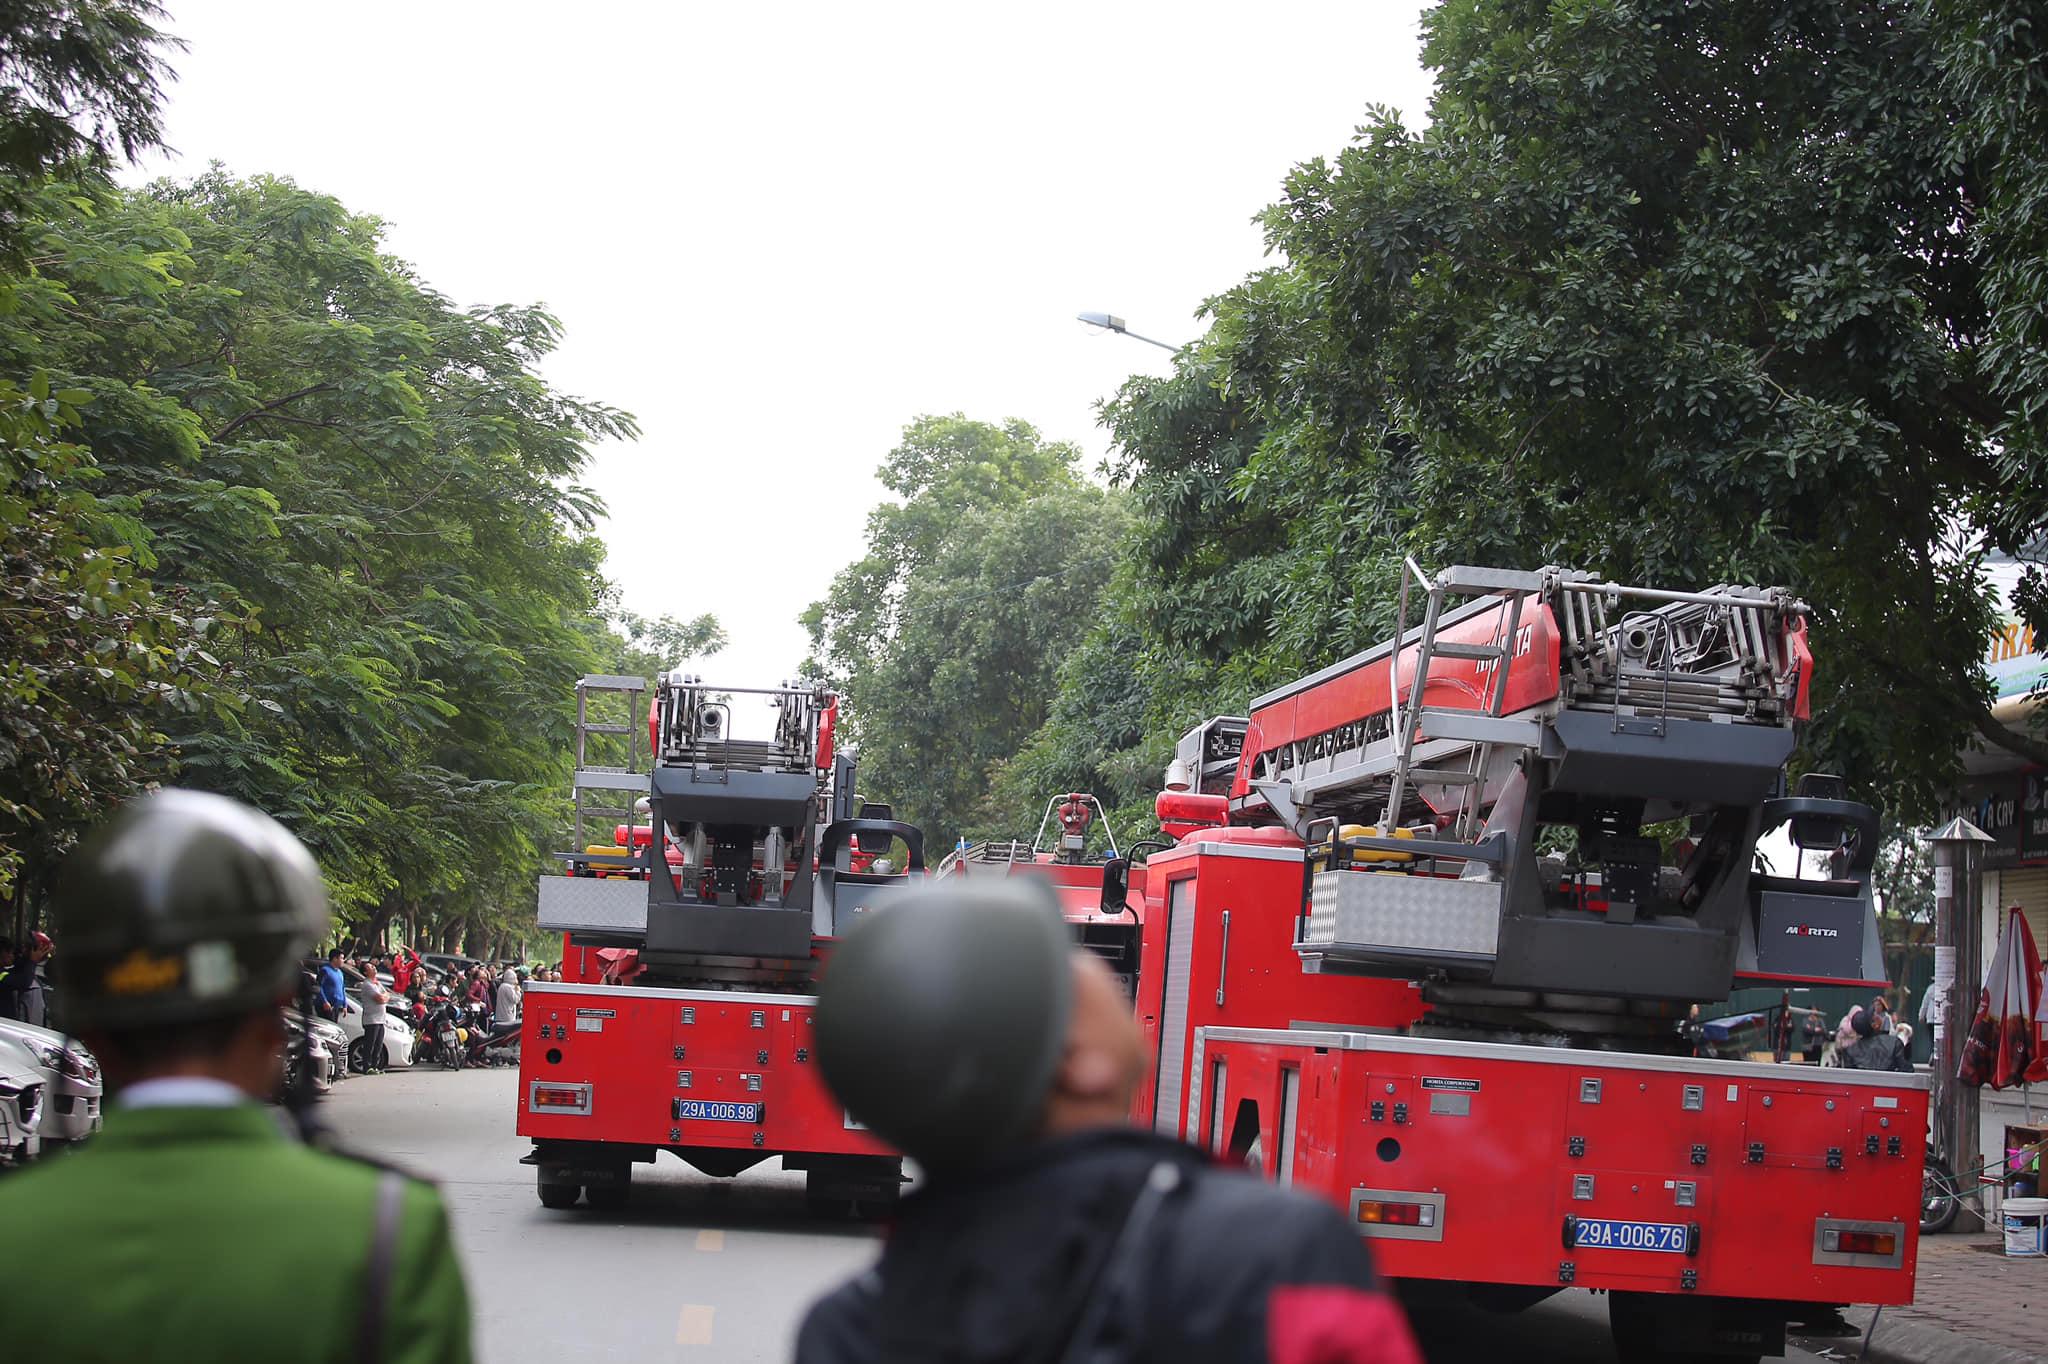 Cháy tầng 31 chung cư Linh Đàm, nghi có người thiệt mạng - 2